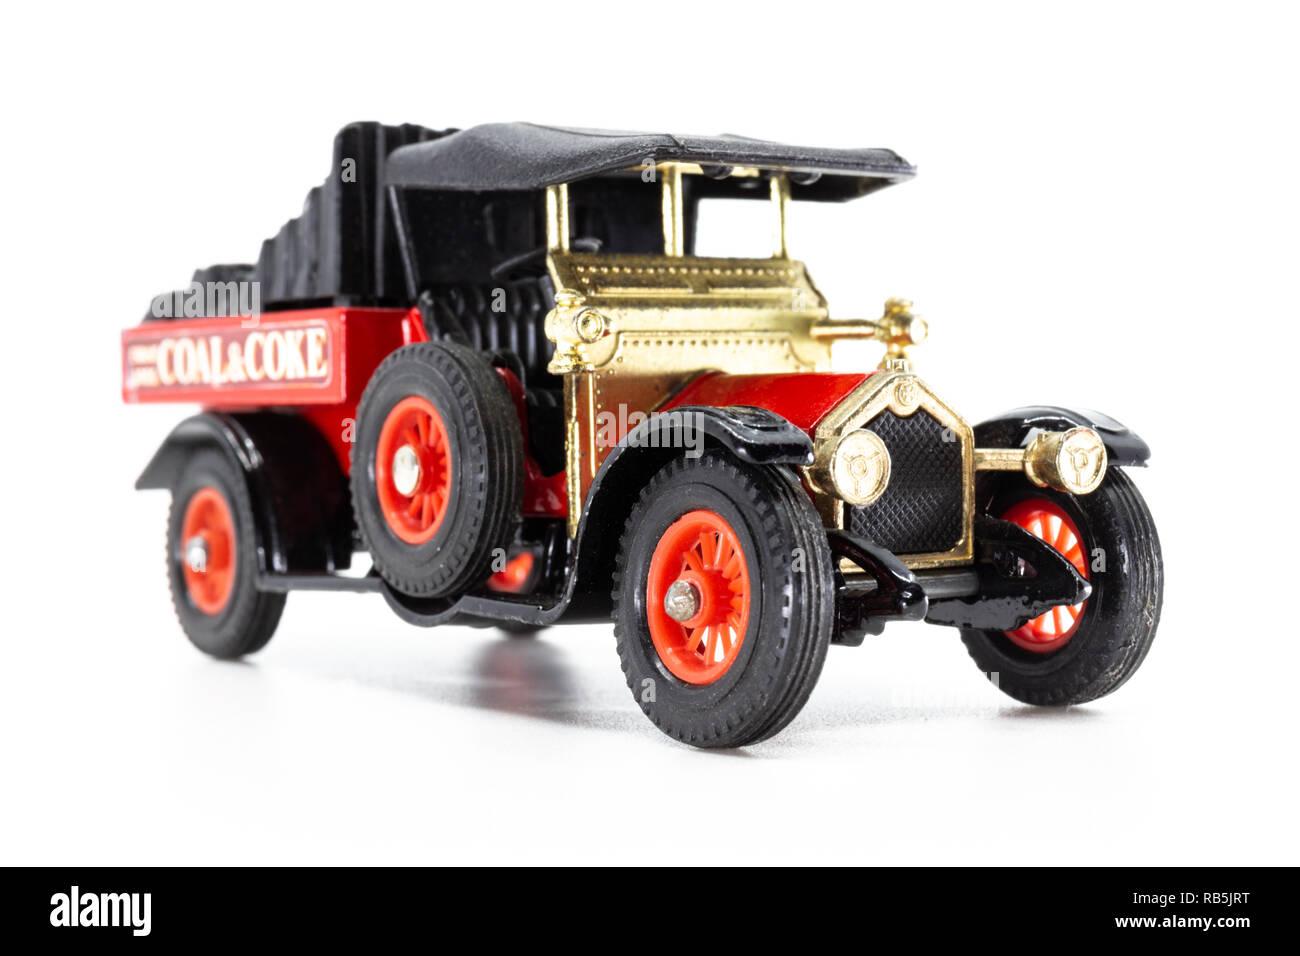 Suiza 1938 Matchbox Made In England By Lesney Nr 9 Spielzeug Autos & Lkw Neueste Kollektion Von Hispano